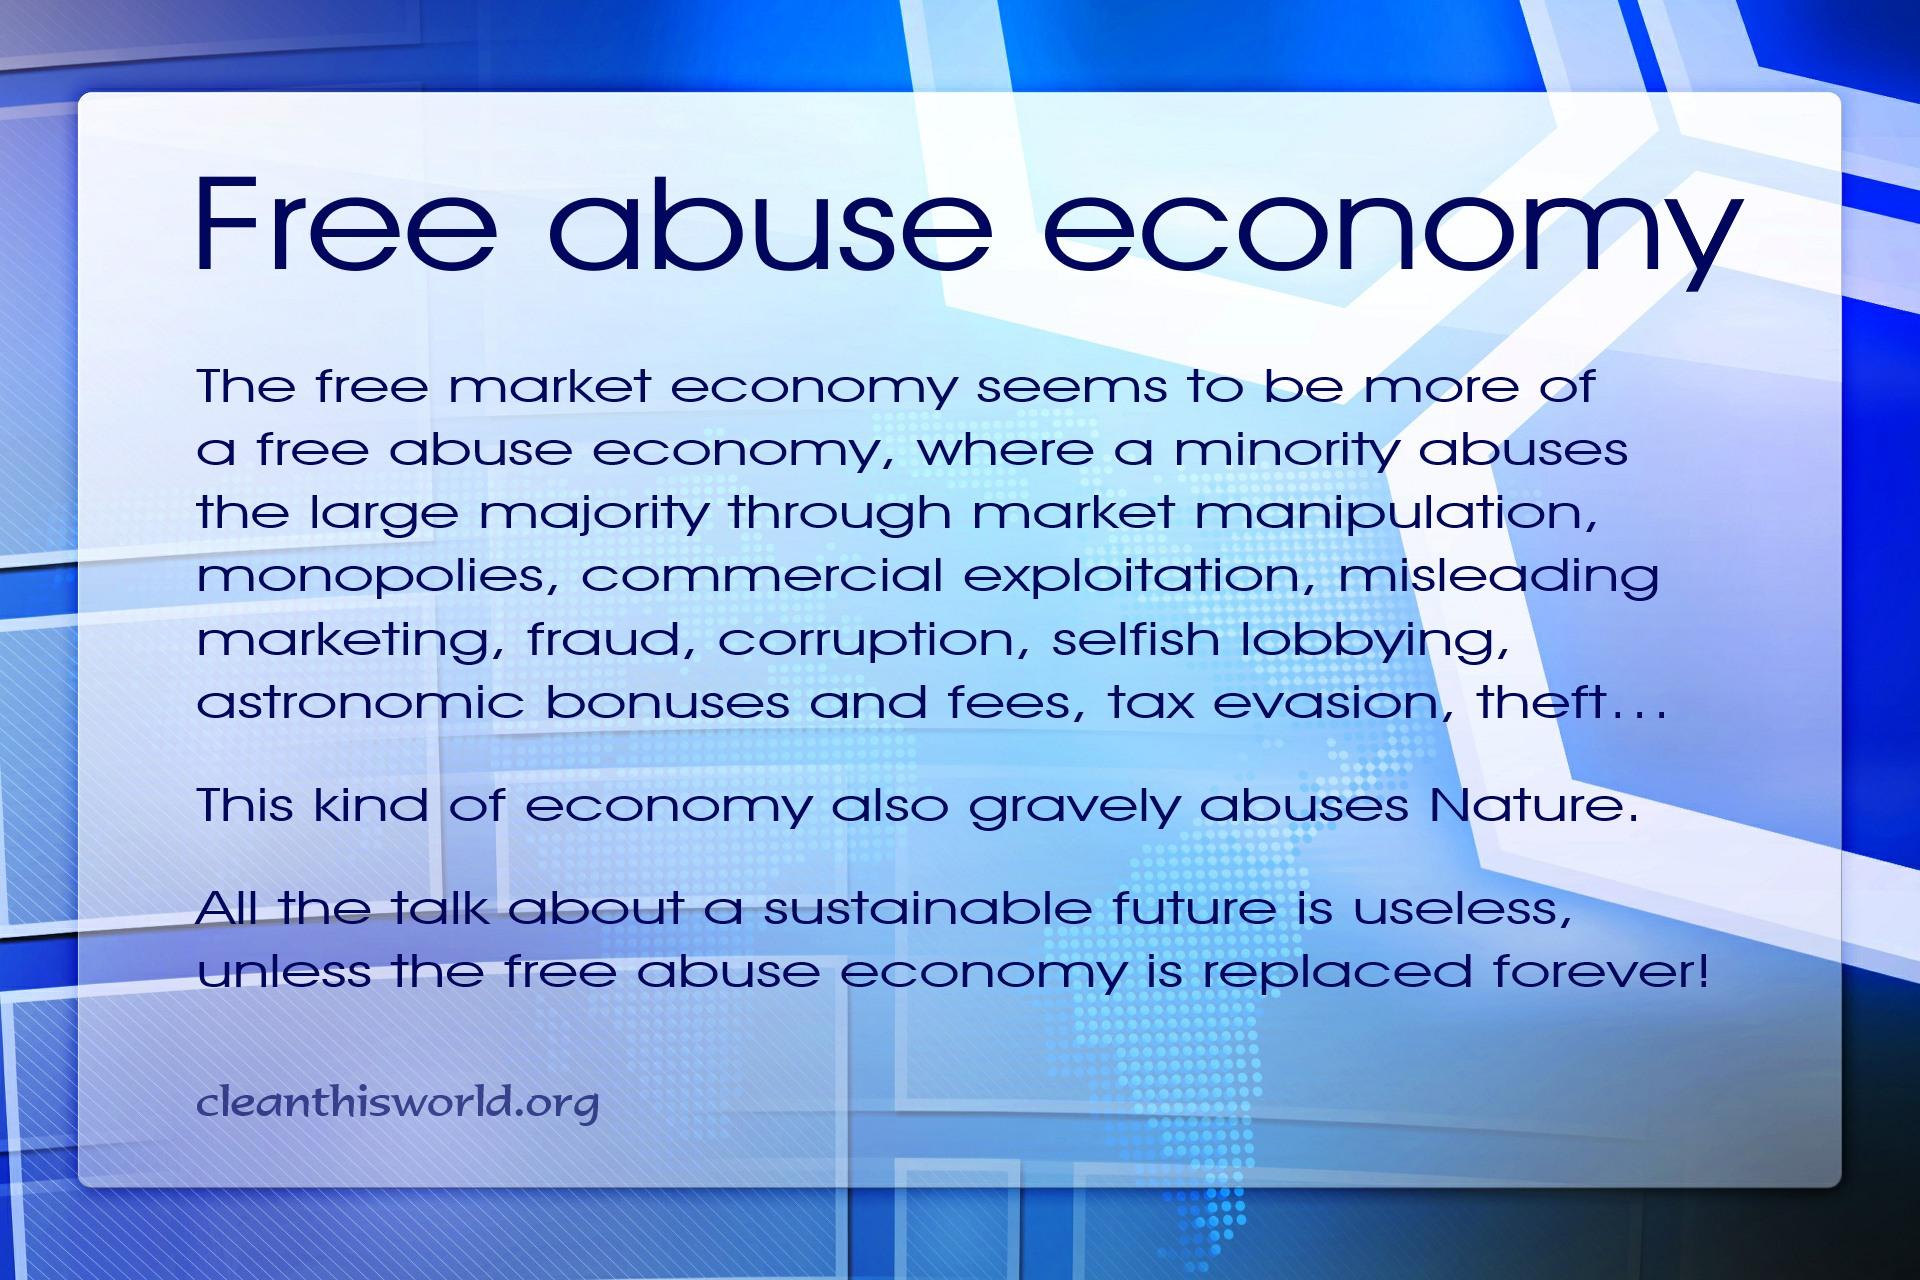 Free abuse economy